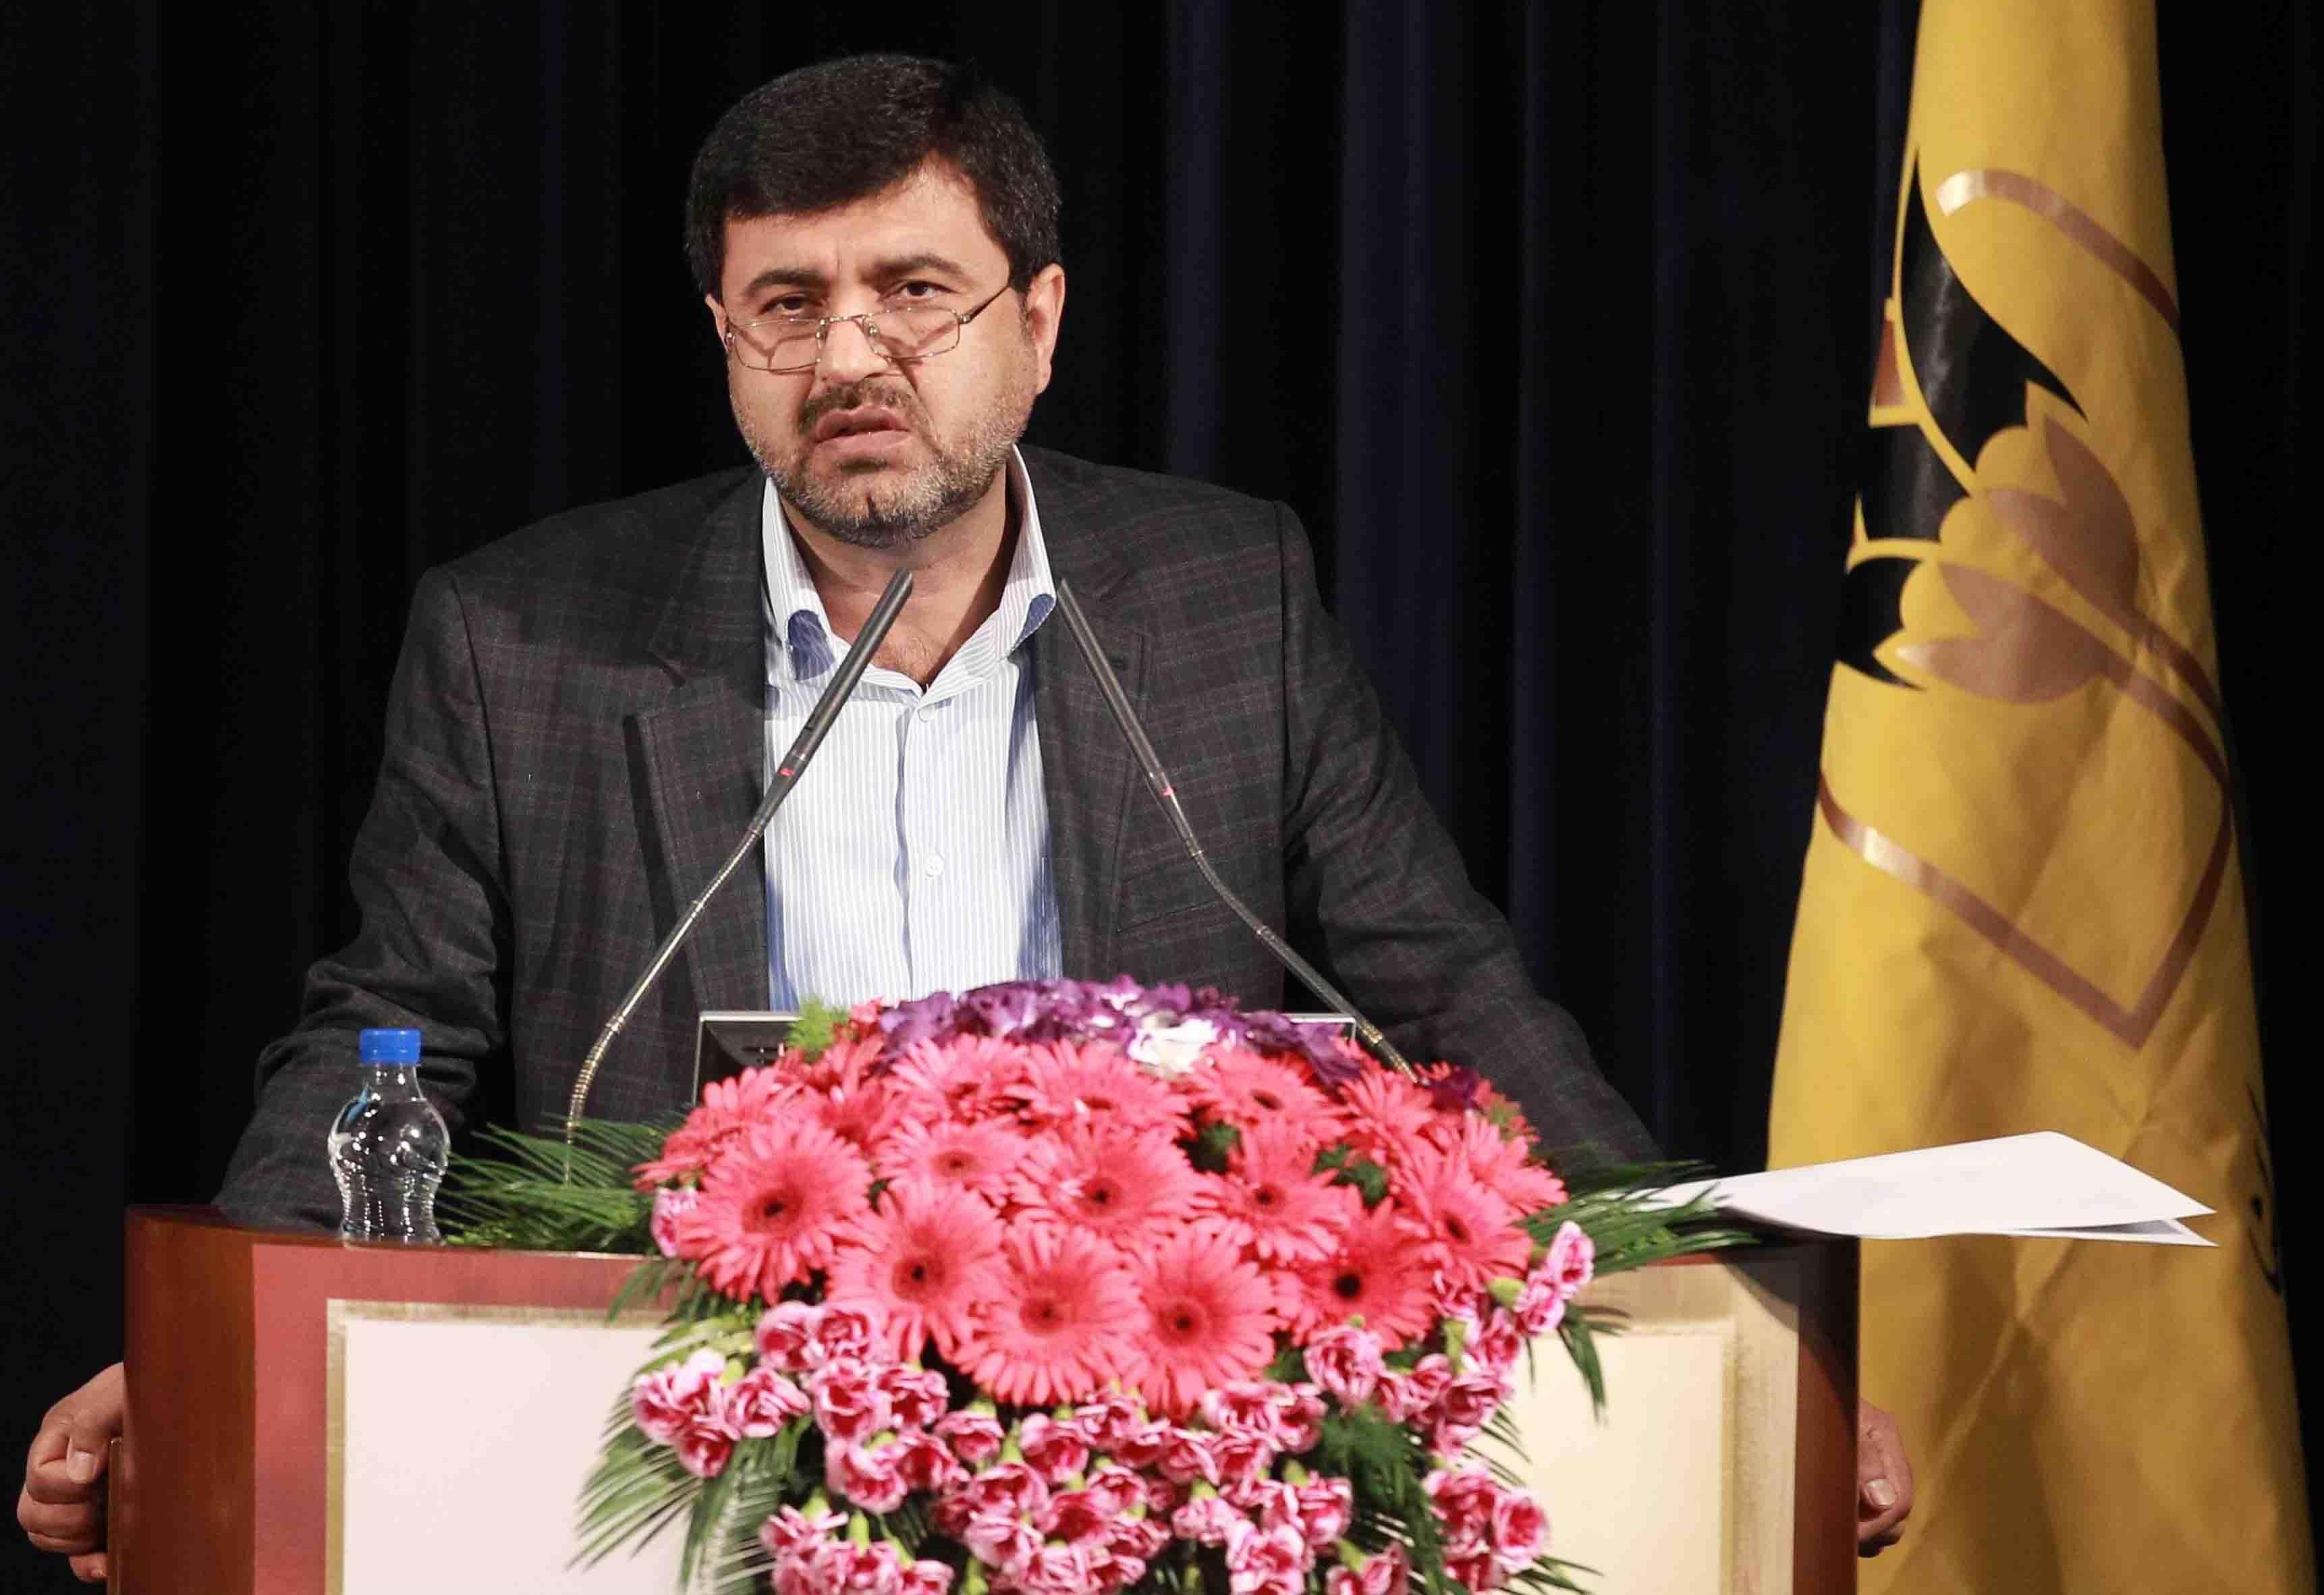 پرویزیان: بیاعتمادی بانکهای دنیا به شبکه بانکی ایران در حال فروپاشی است